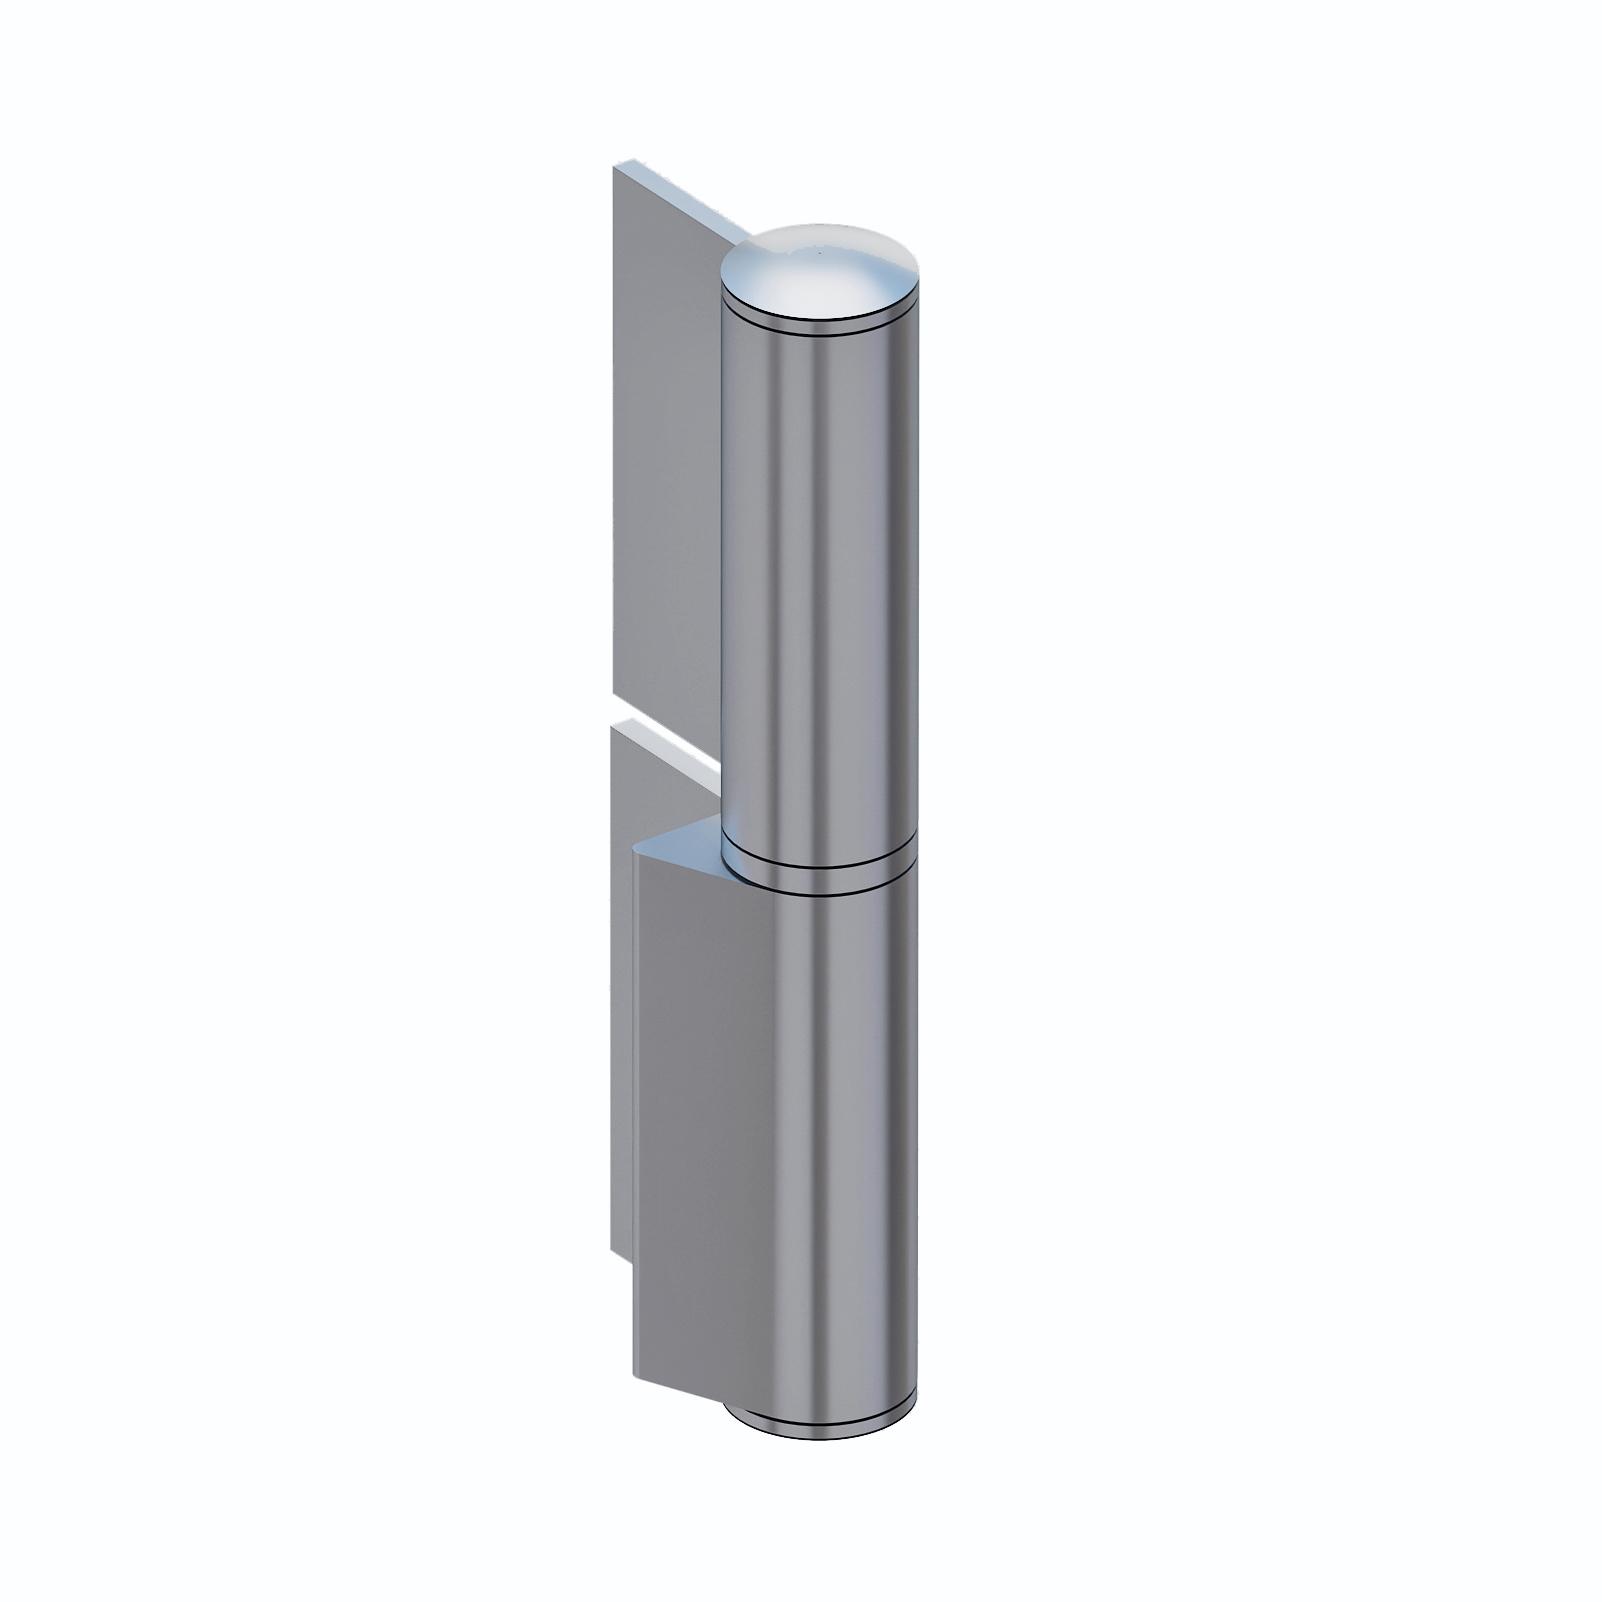 Biloba Evo Frame – Ahşap ve Alüminyum Çerçeveli Kapılar İçin Menteşe